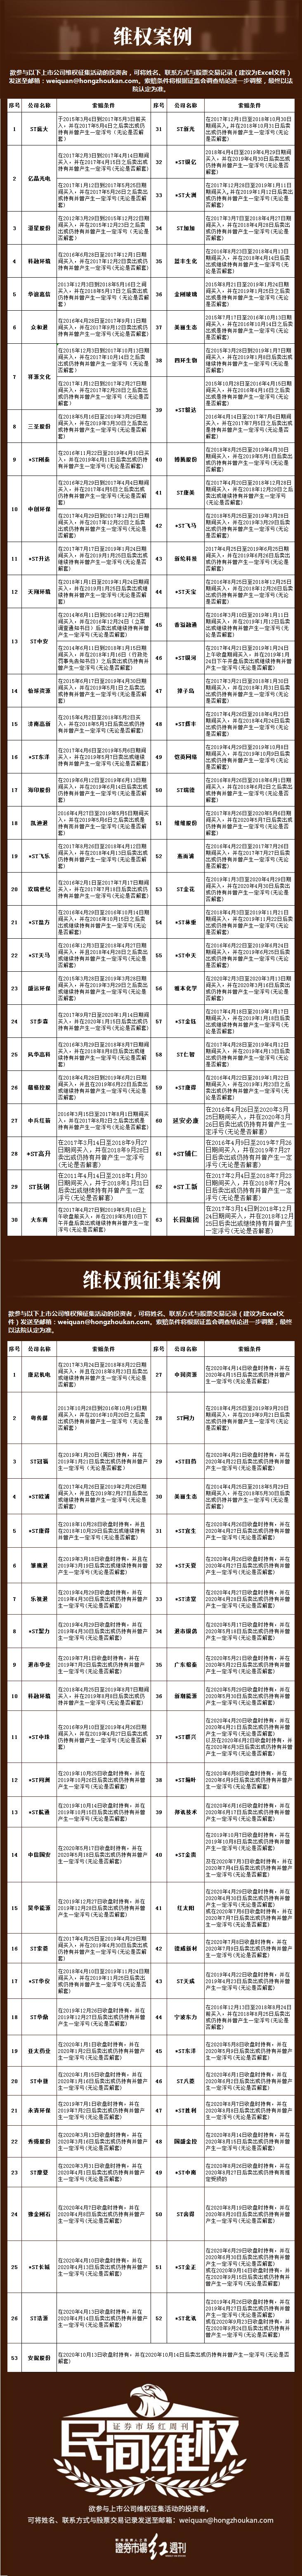 民间维权 | 业绩披露存较大差异 *ST辉丰被出具警示函